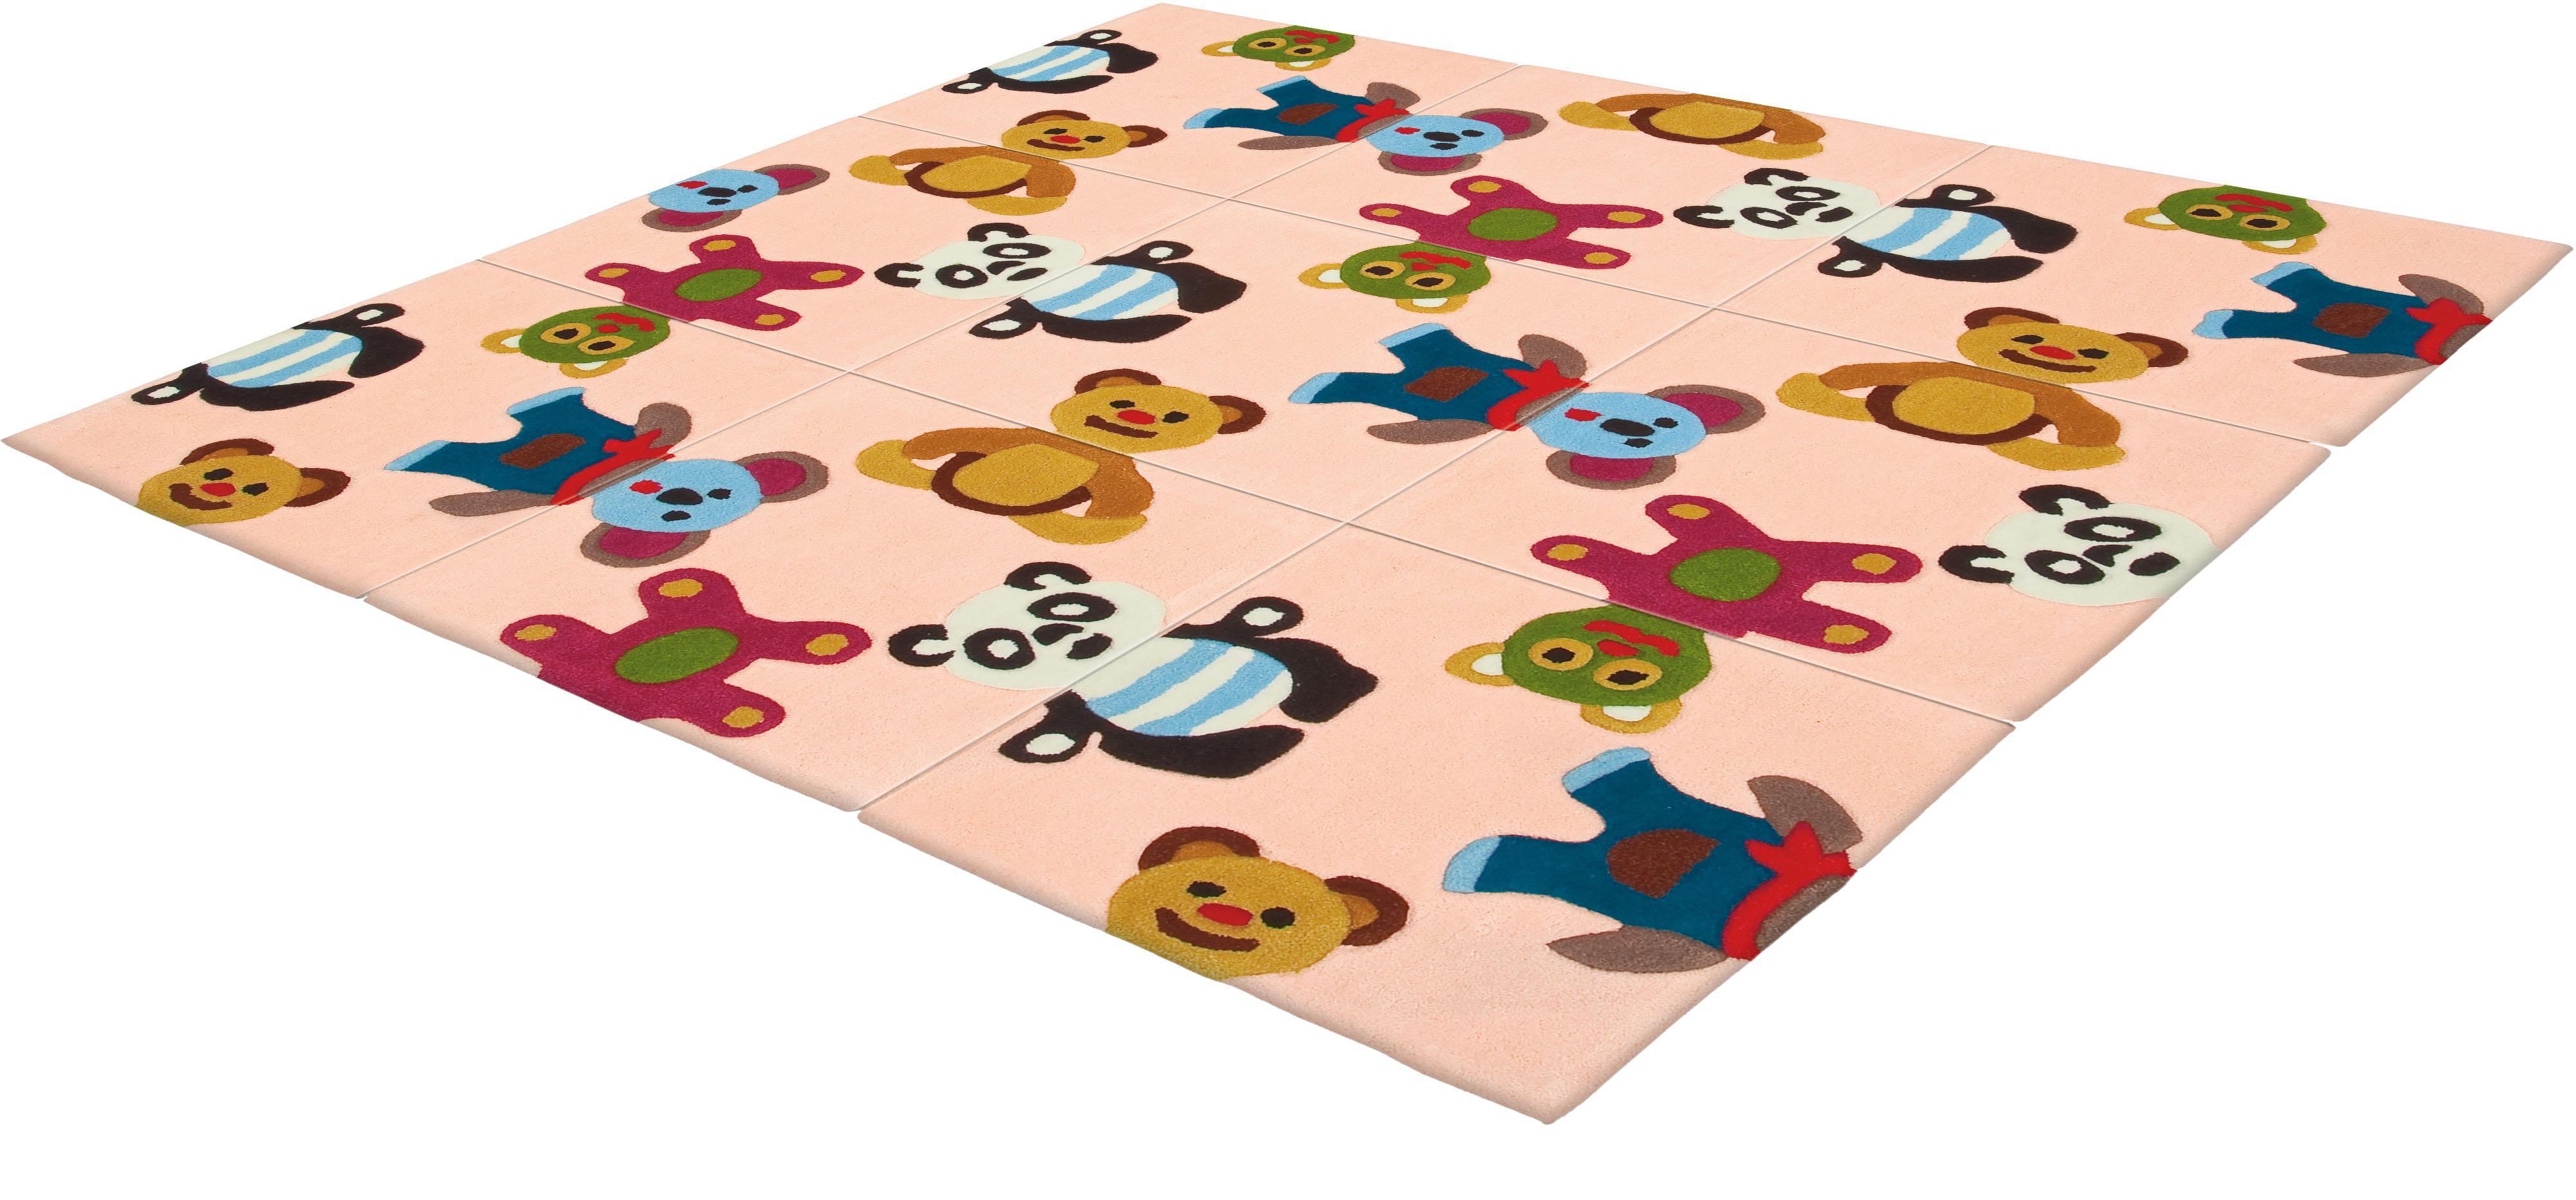 Kinderteppich Joy 4110 Arte Espina rechteckig Höhe 16 mm handgetuftet